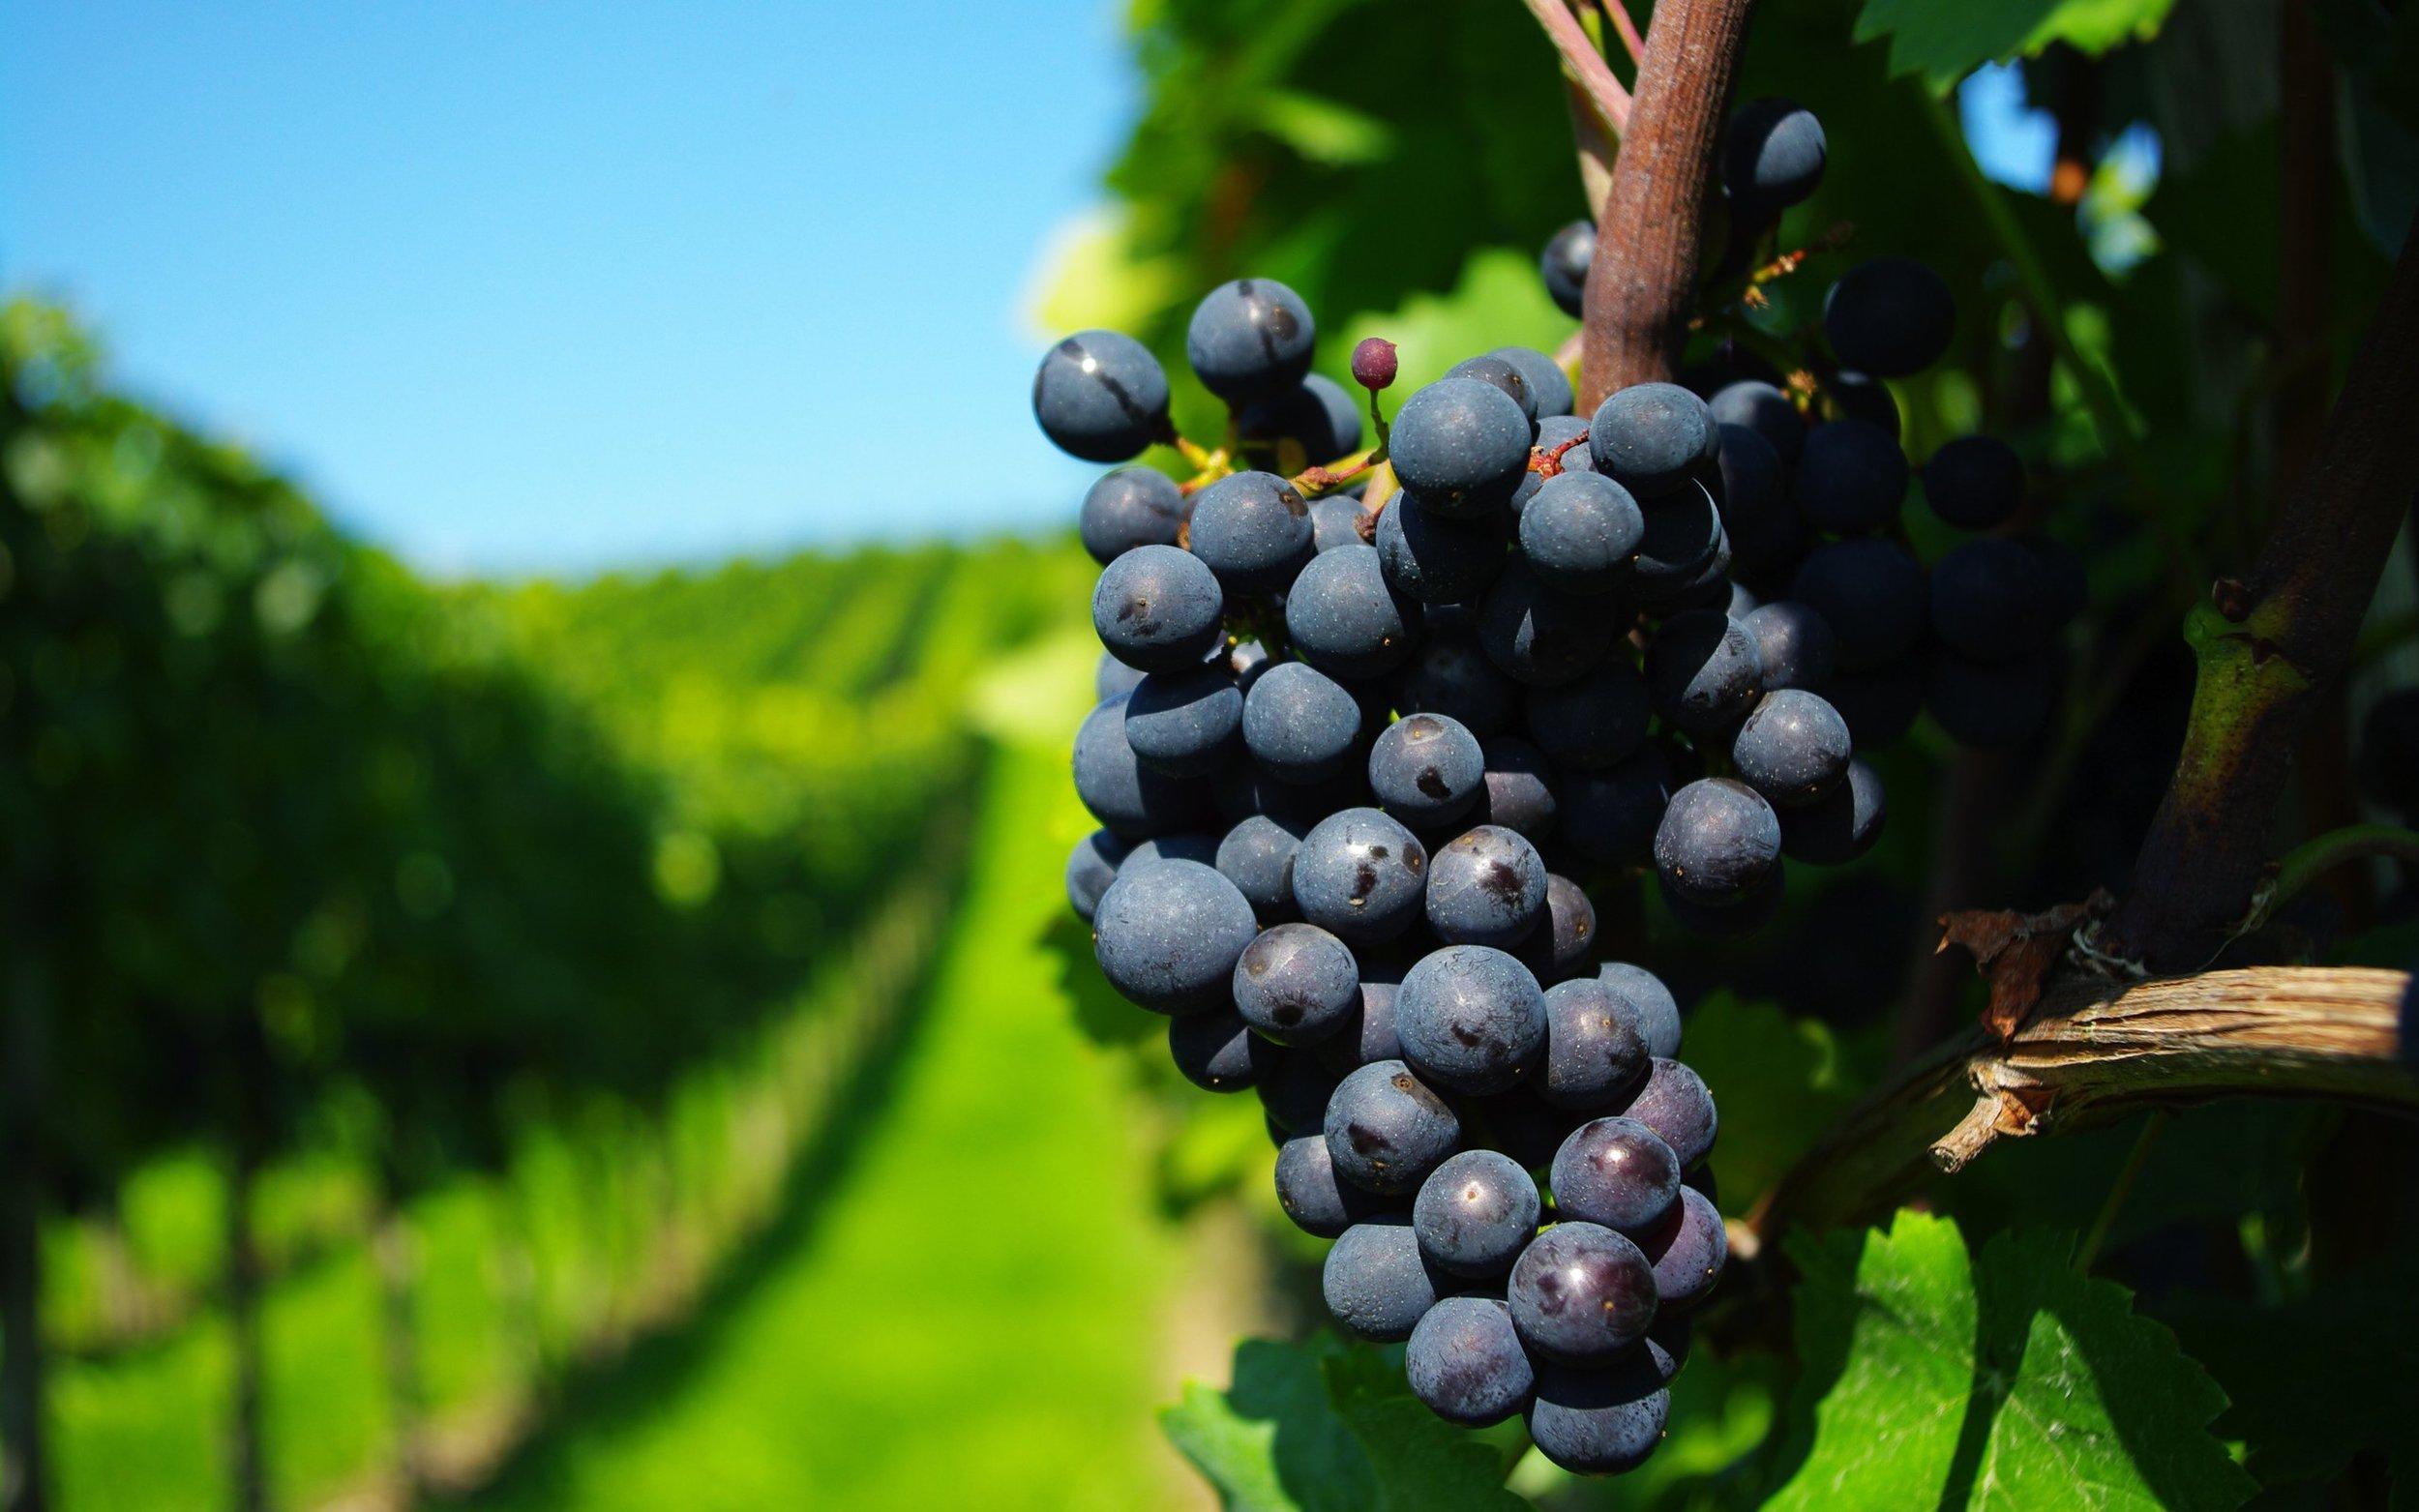 grape_vineyard-wide.jpg